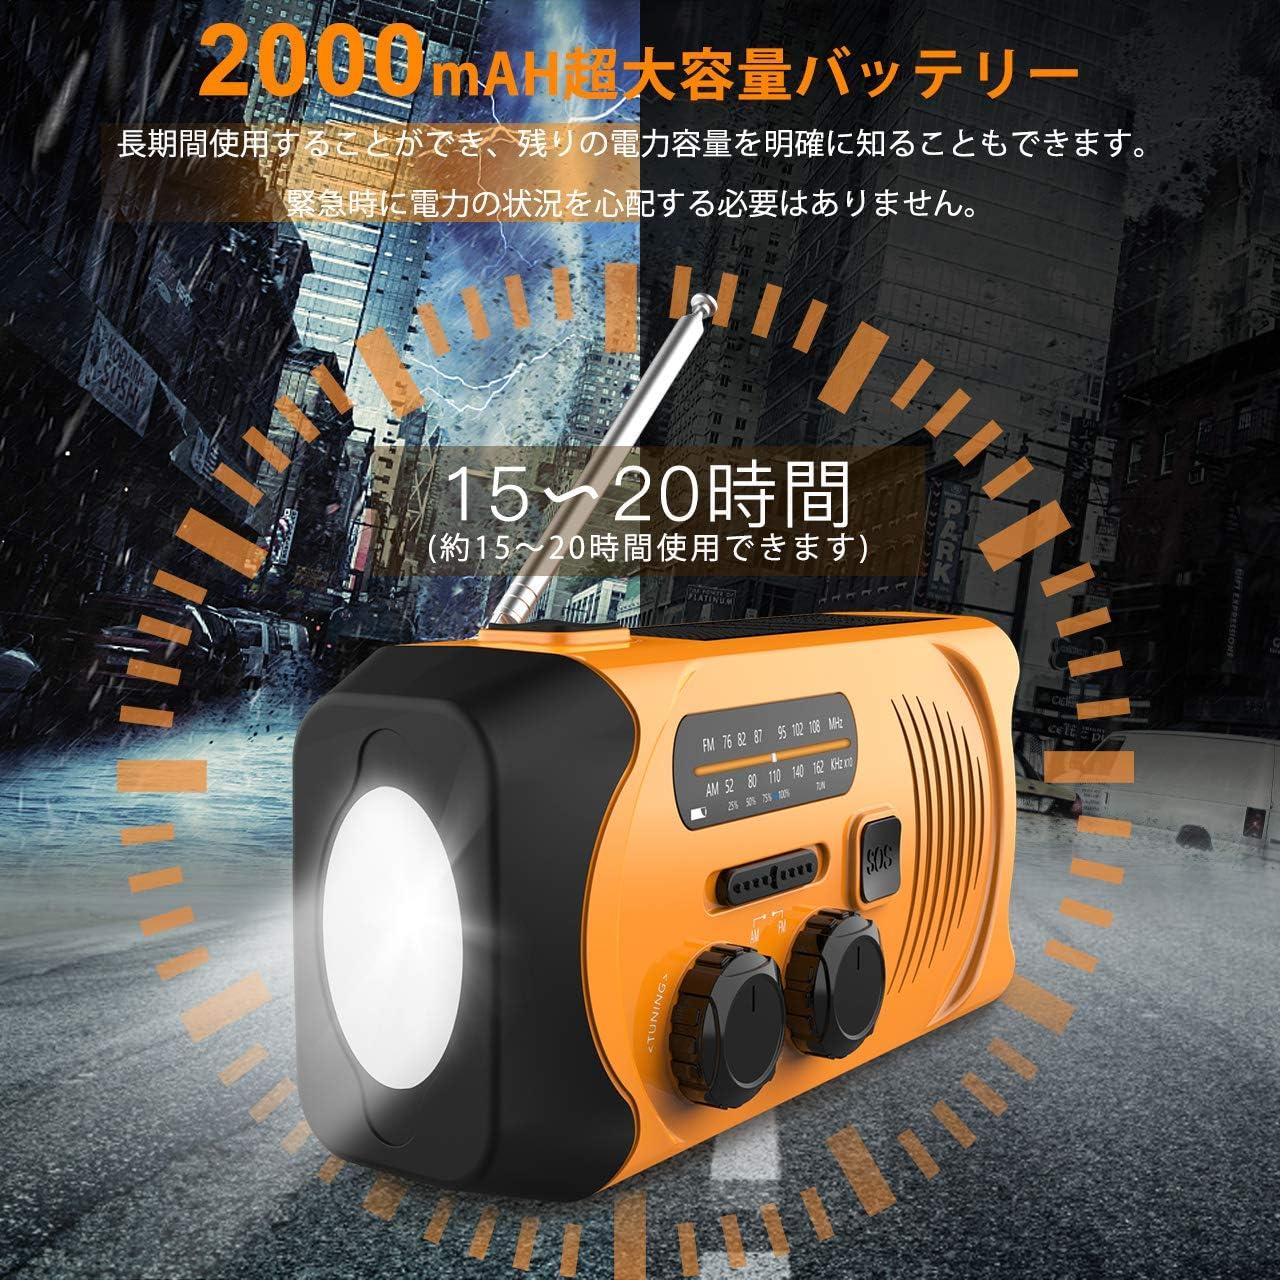 大容量バッテリー 2000mAHのバッテリーを内蔵しているので、ラジオを電源としても使用できます。 緊急時の携帯電話充電が可能 。 スポットライトは約15時間点灯可能。 出典:Amazon